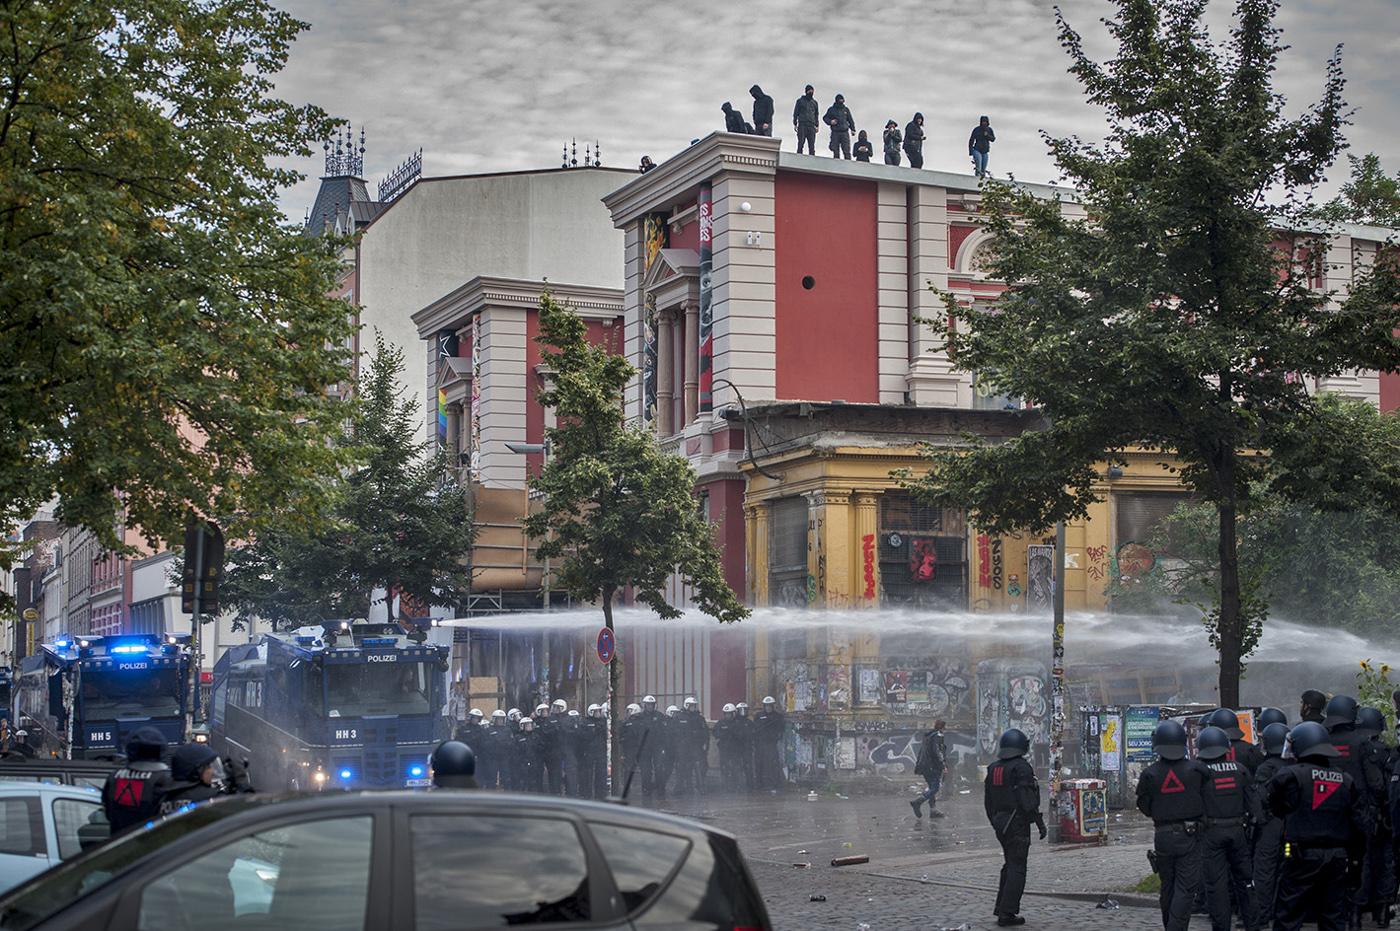 Schulterblatt. Schanzenviertel. Rote Flora. Polizei-Einsatz vs. Linke Störer.